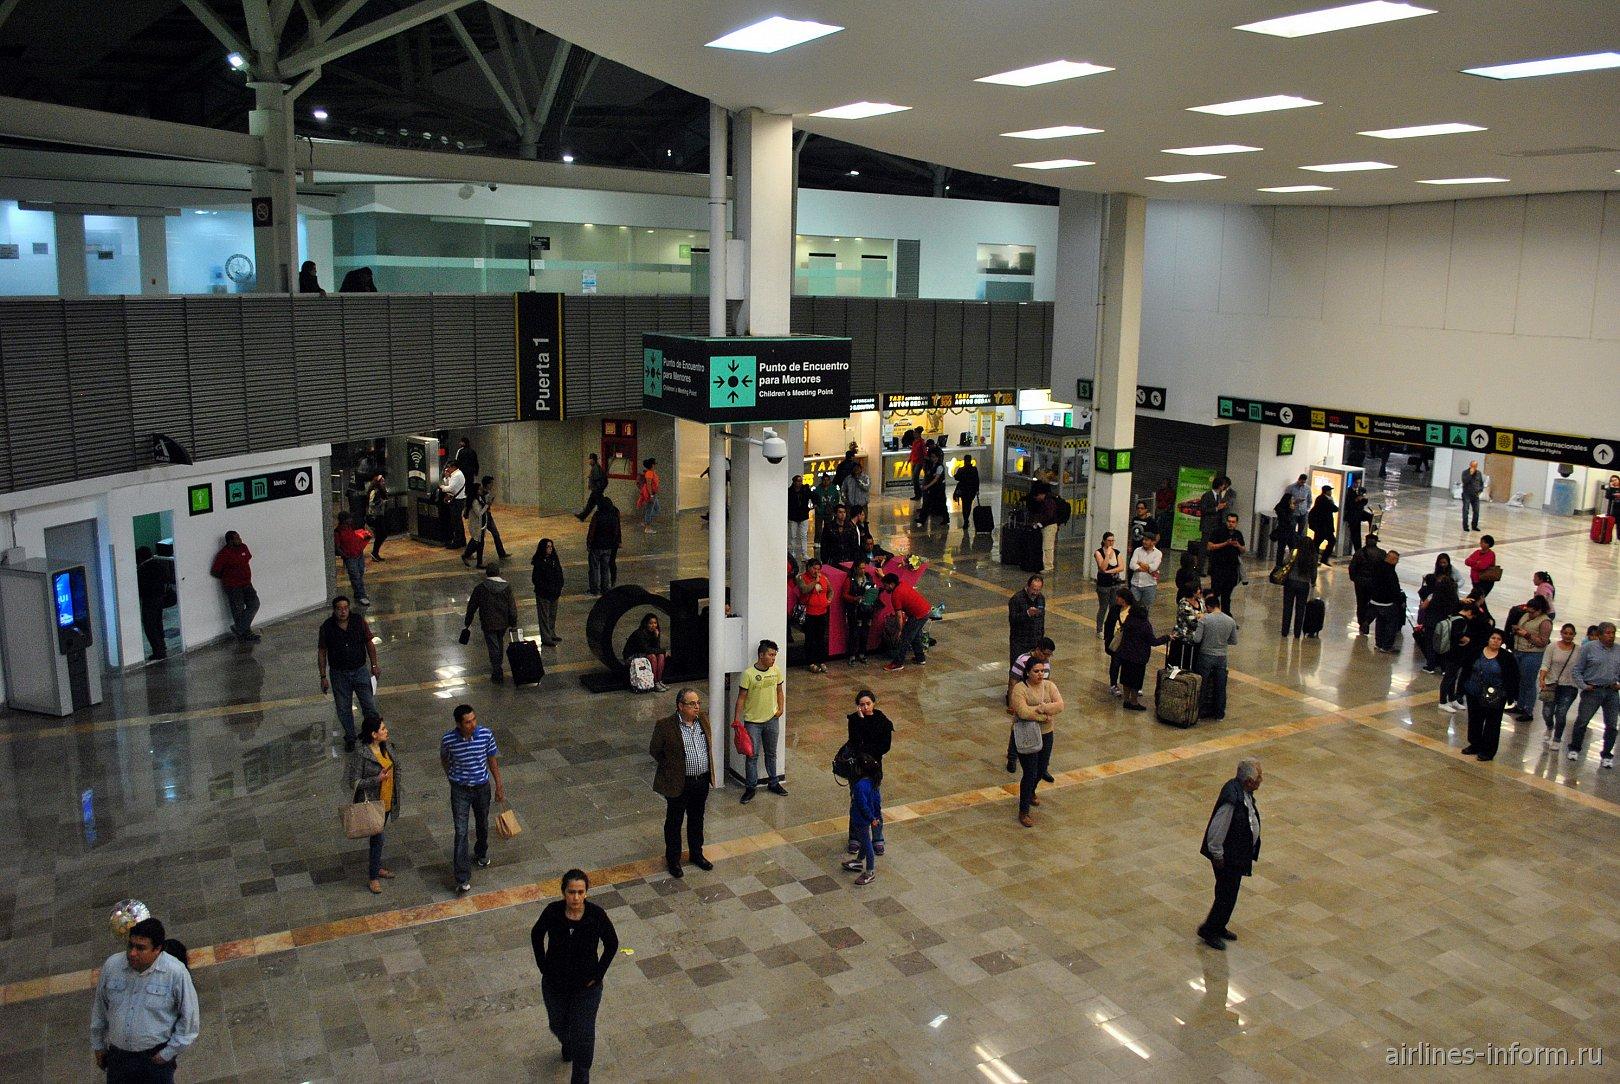 Зона прилета внутренних авиалиний в терминале Т1 аэропорта Мехико Бенито Хуарес